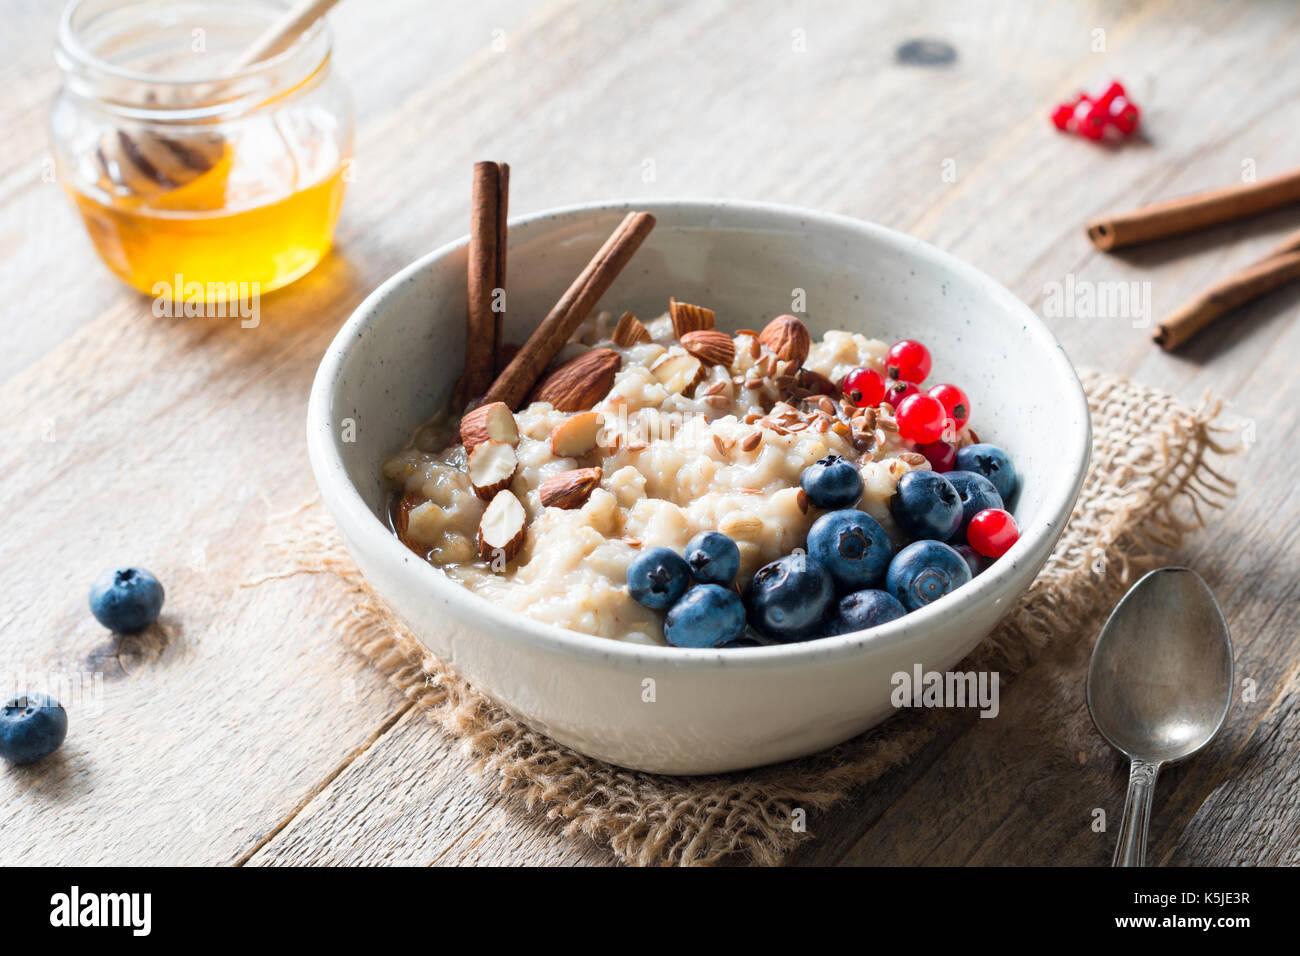 Gachas de avena con arándanos, almendras, canela, miel, linseeds y grosellas en tazón. súper alimento saludable nutritivo desayuno Imagen De Stock